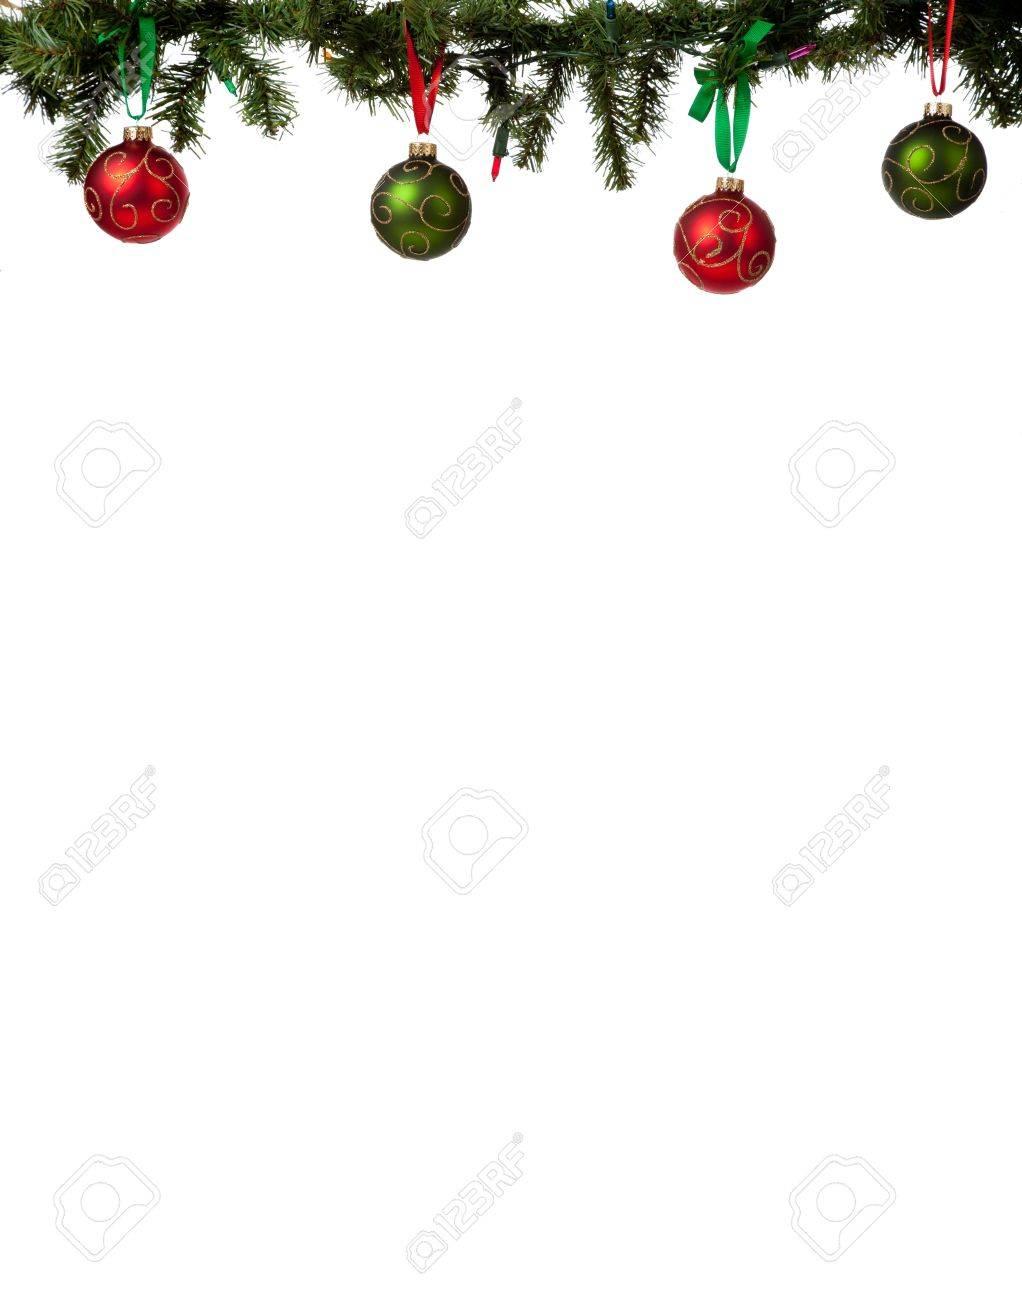 Ein Christmas Ornament Rahmen Mit Roten Und Grünen Glitzerbedeckten ...